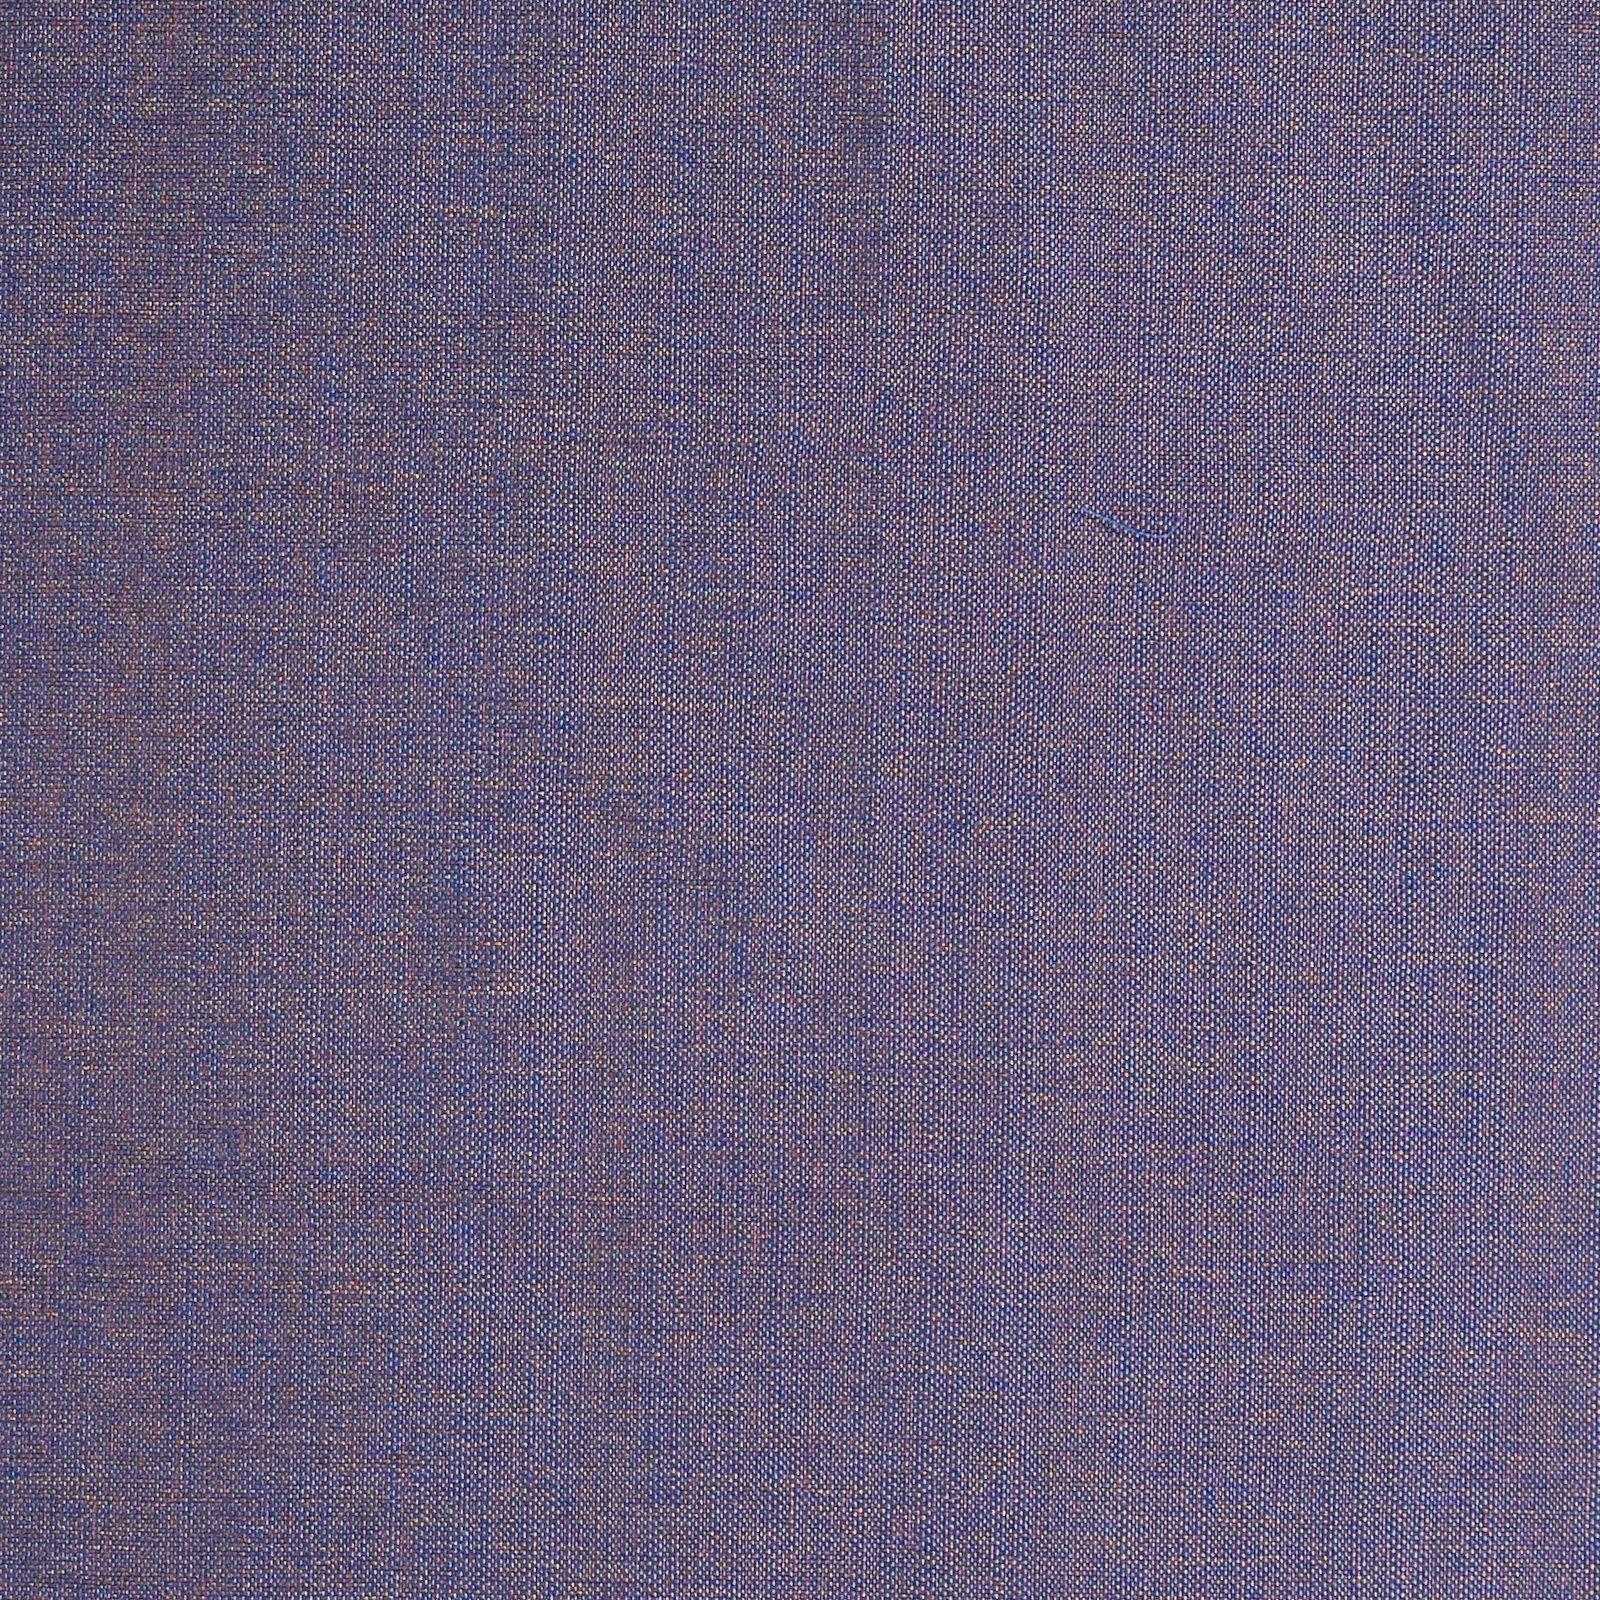 Möbelstruktur, Kobaltblau/Karamel 824156_pack_solid